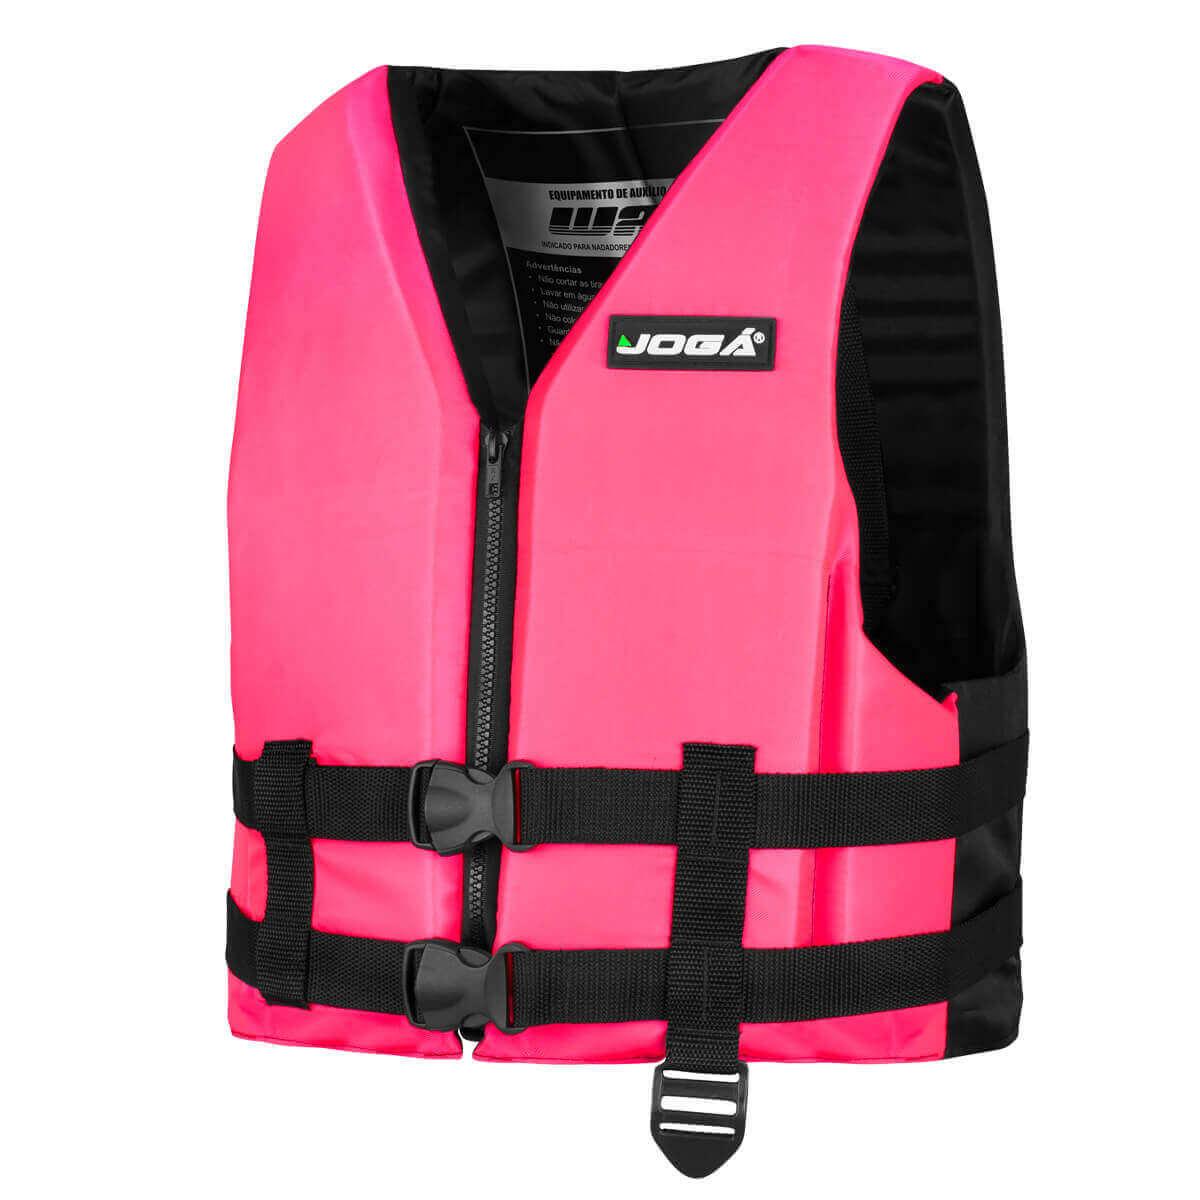 Colete Salva Vidas Jogá Wave 70Kg Rosa  - Pró Pesca Shop